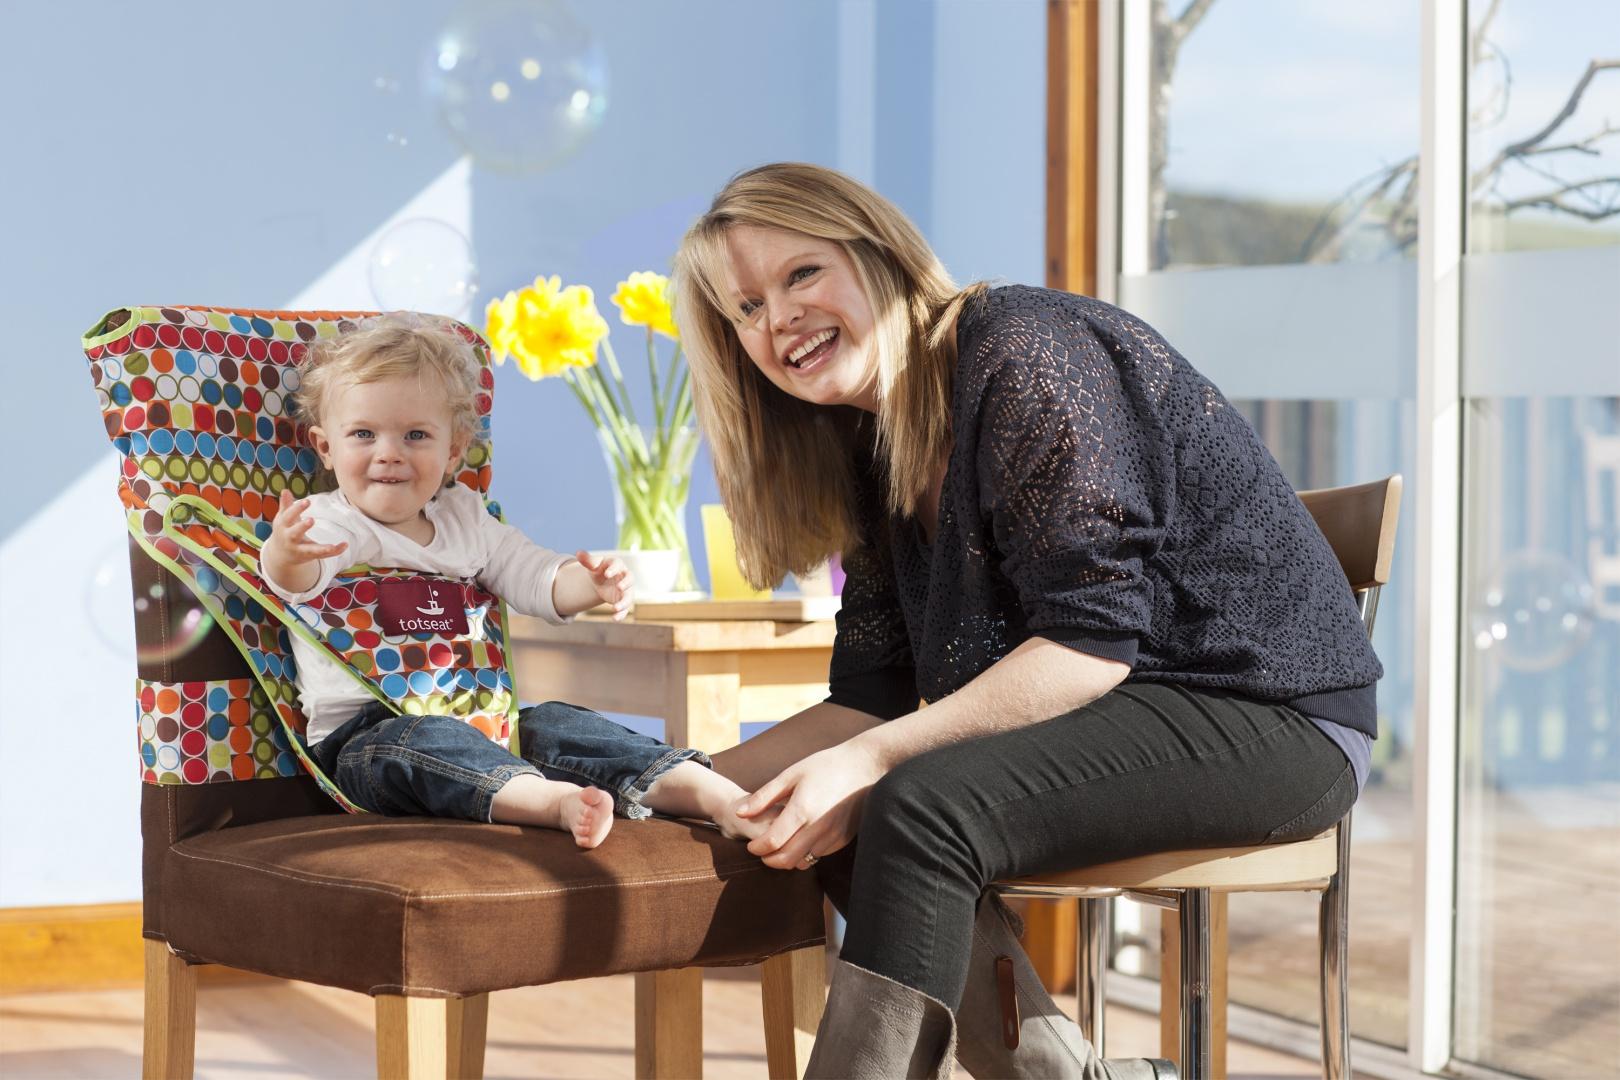 Historia pokrowca Totseat wiąże się z historią pewnej pani, która odwiedzając restauracje w Edynburgu nie mogła znaleźć czystego krzesła. Wszystkie były ubrudzone przez małe dzieci. Fot. Totseat.